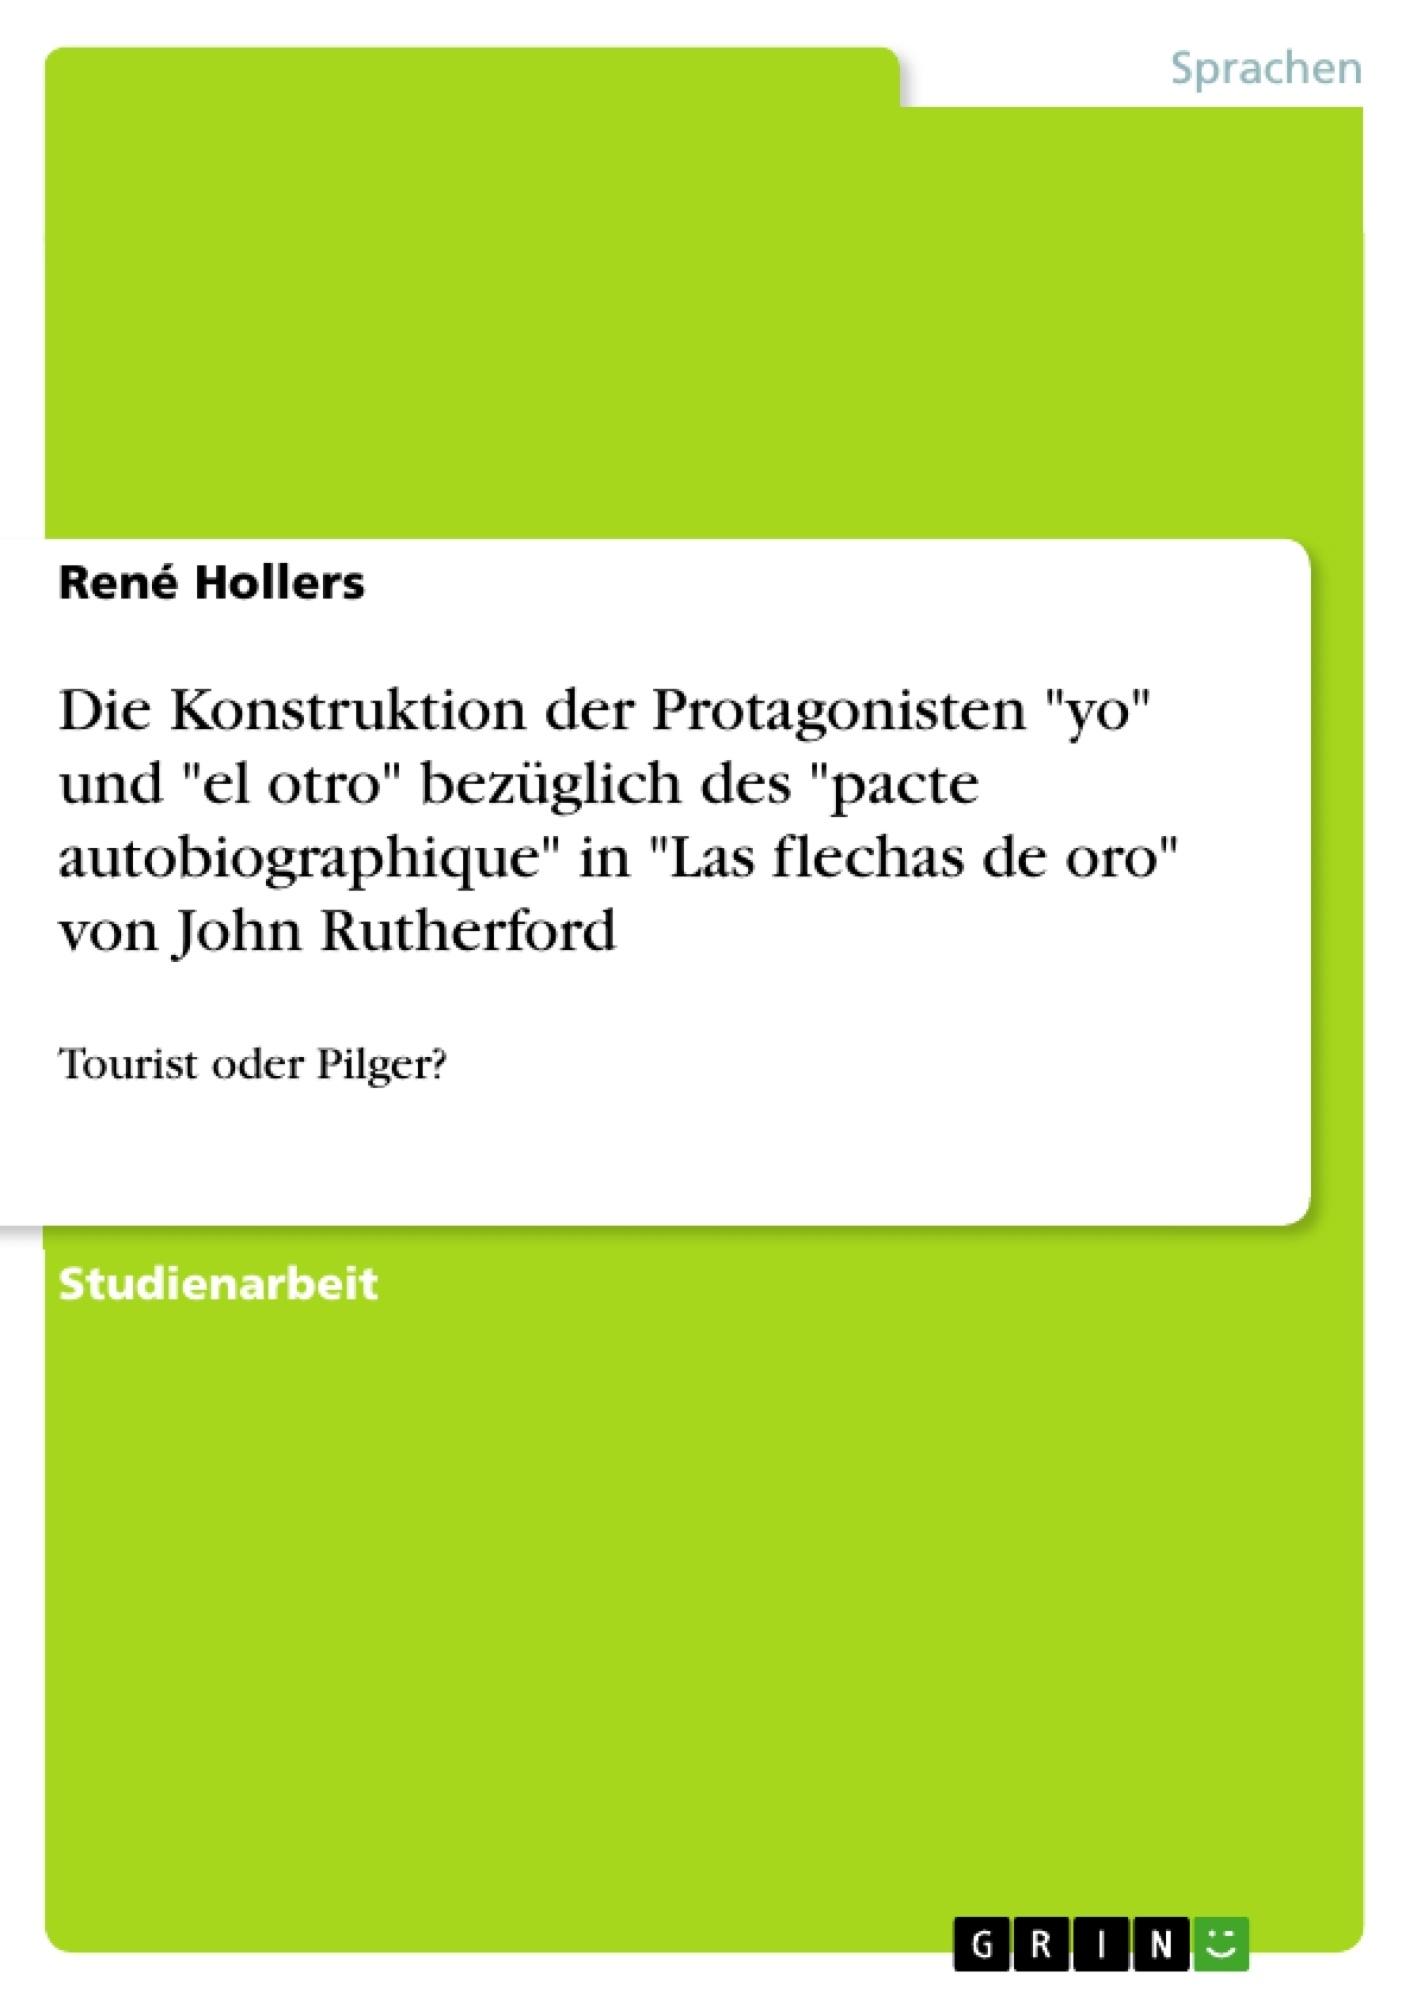 """Titel: Die Konstruktion der Protagonisten """"yo"""" und """"el otro"""" bezüglich des """"pacte autobiographique"""" in """"Las flechas de oro"""" von John Rutherford"""